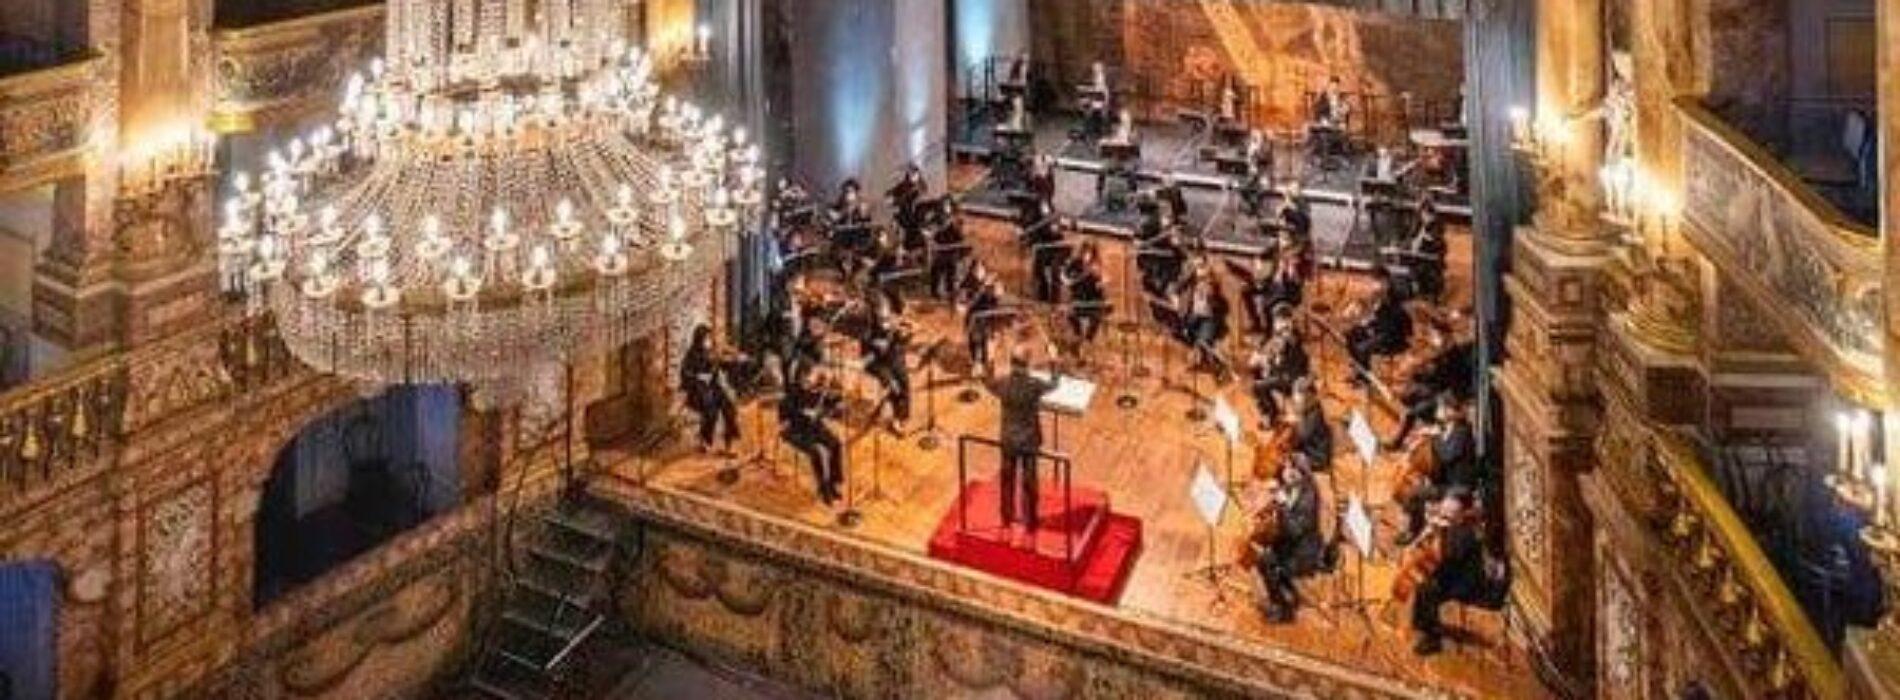 La Reggia in musica, Riccardo Muti dal Teatro di Corte su Rai5